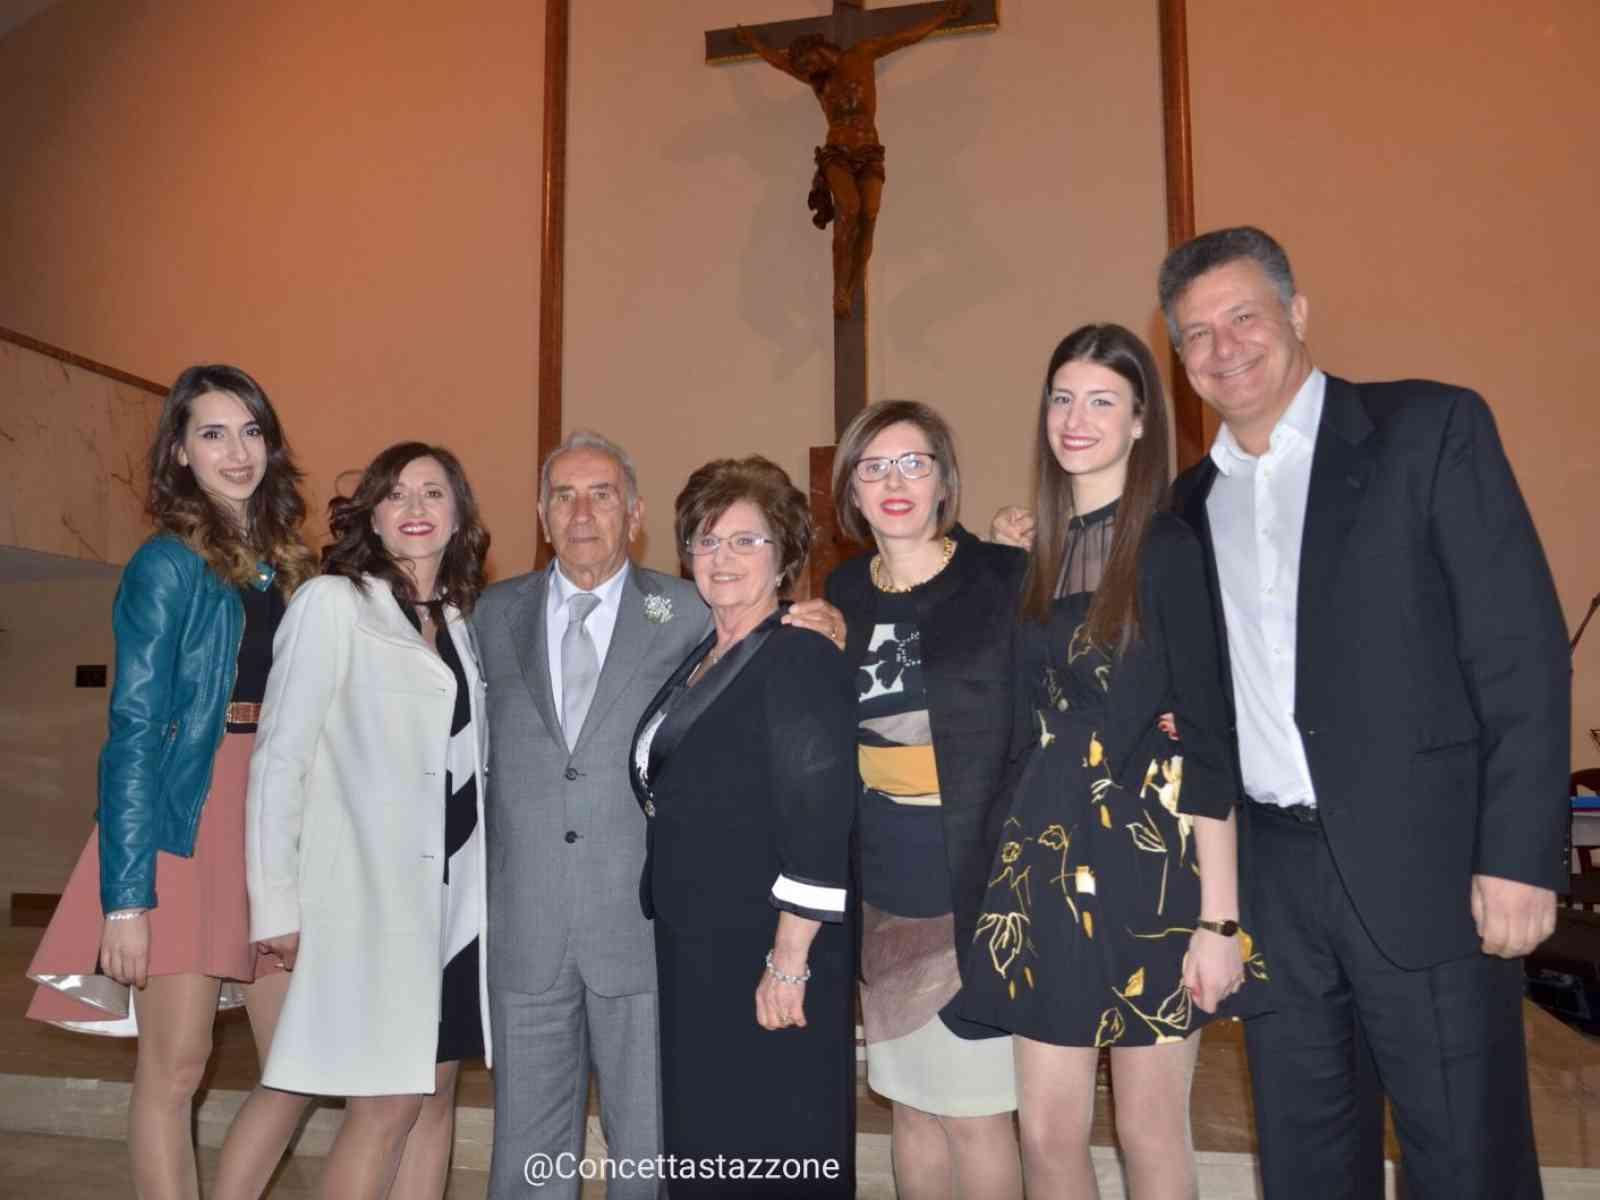 Immagine articolo: Poggioreale. 50 anni di matrimonio per i coniugi Luigia Loria e Francesco Caruana